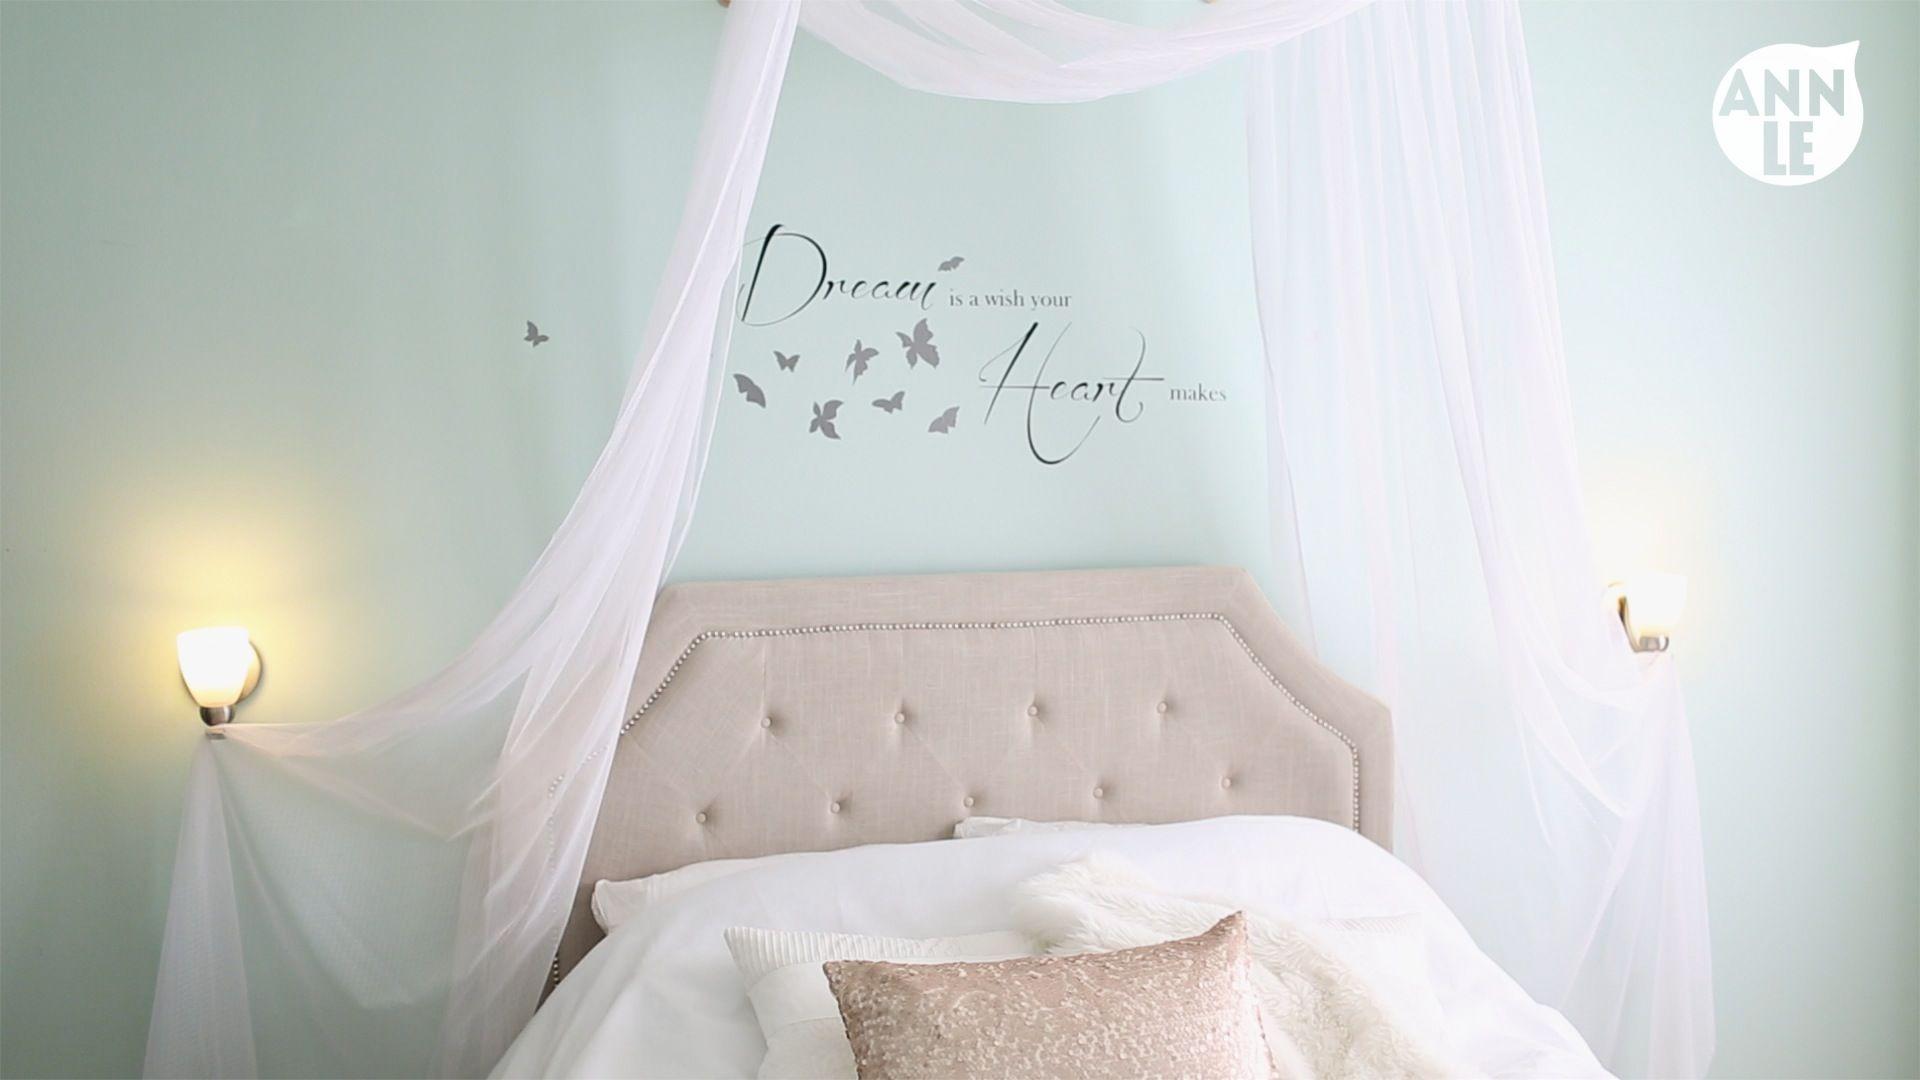 DIY Romantic Bed Canopy | Ann Le Style & DIY Romantic Bed Canopy | Ann Le Style | Remodel - bedrooms ...